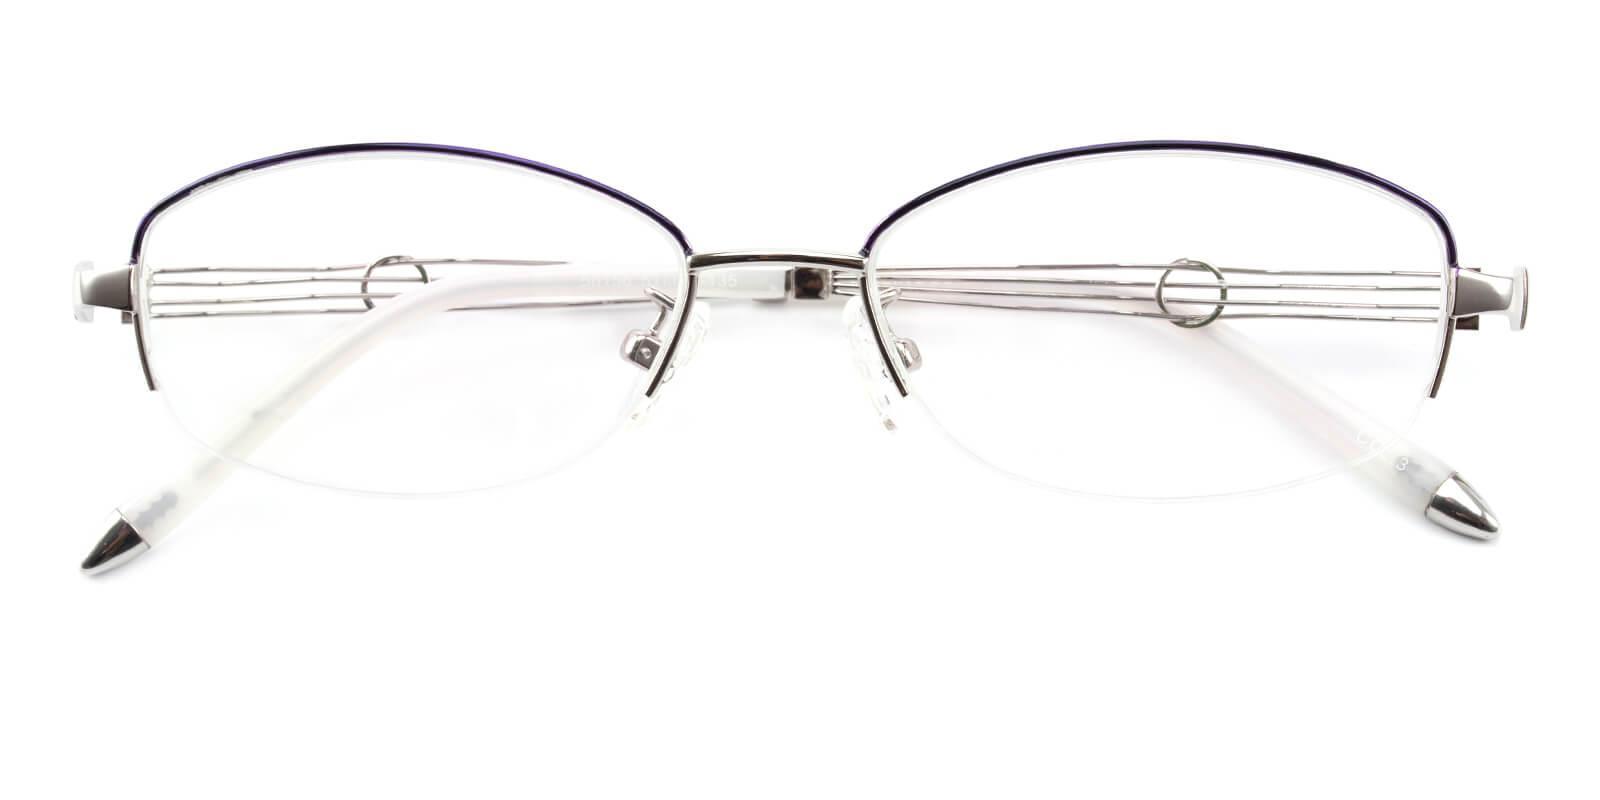 Grid-Silver-Oval-Metal-Eyeglasses-detail